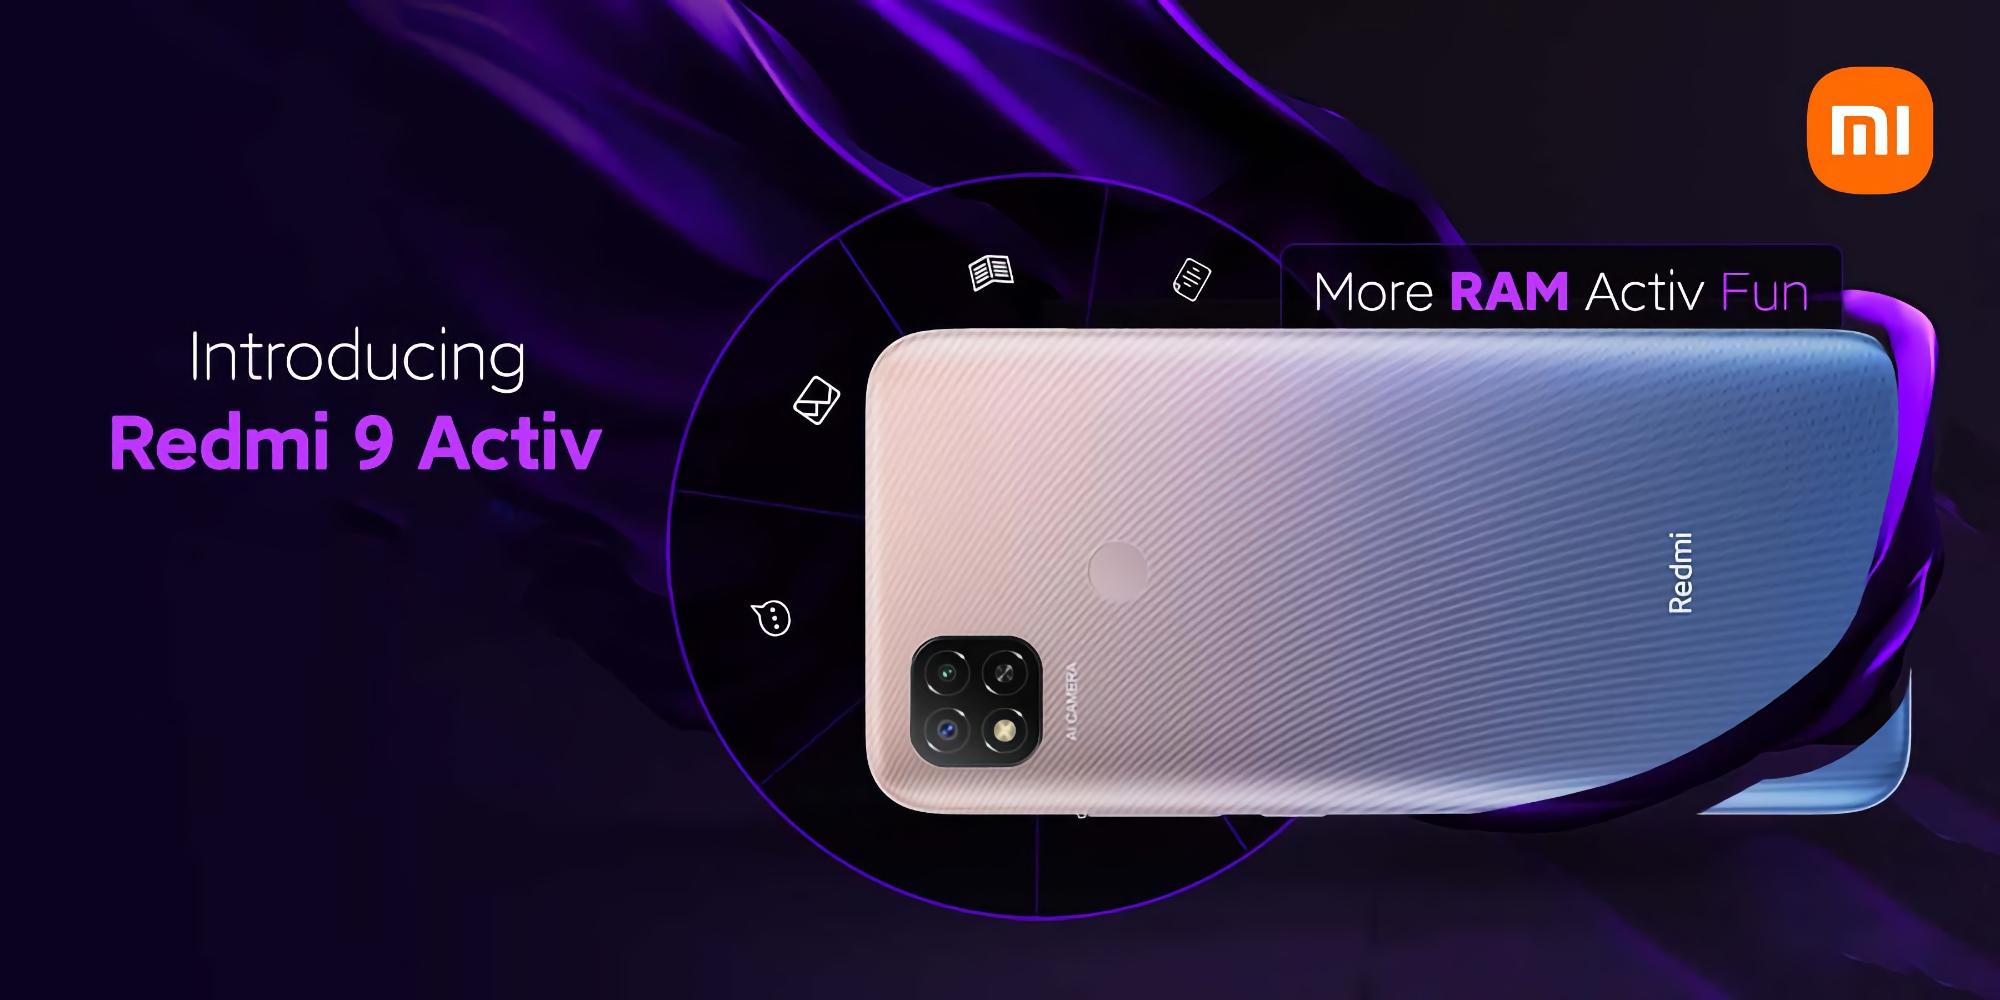 Xiaomi представила Redmi 9 Activ с чипом MediaTek Helio G35 и батареей на 5000 мАч за $130